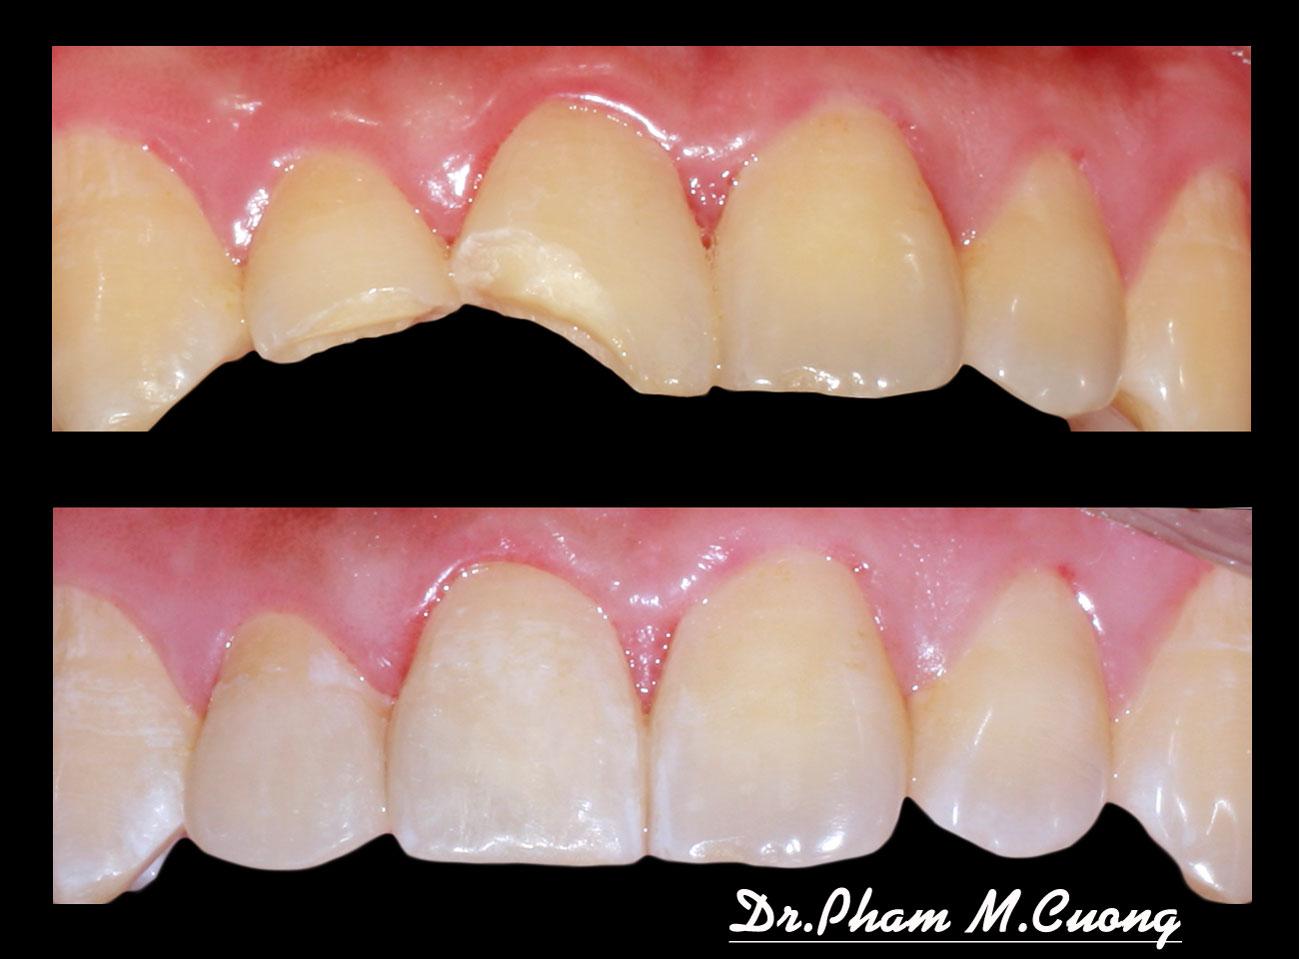 implant-chinh-nha-nieng-rang-rang-su-tham-my-nha-khoa-dental-dr-pham-m.cuong